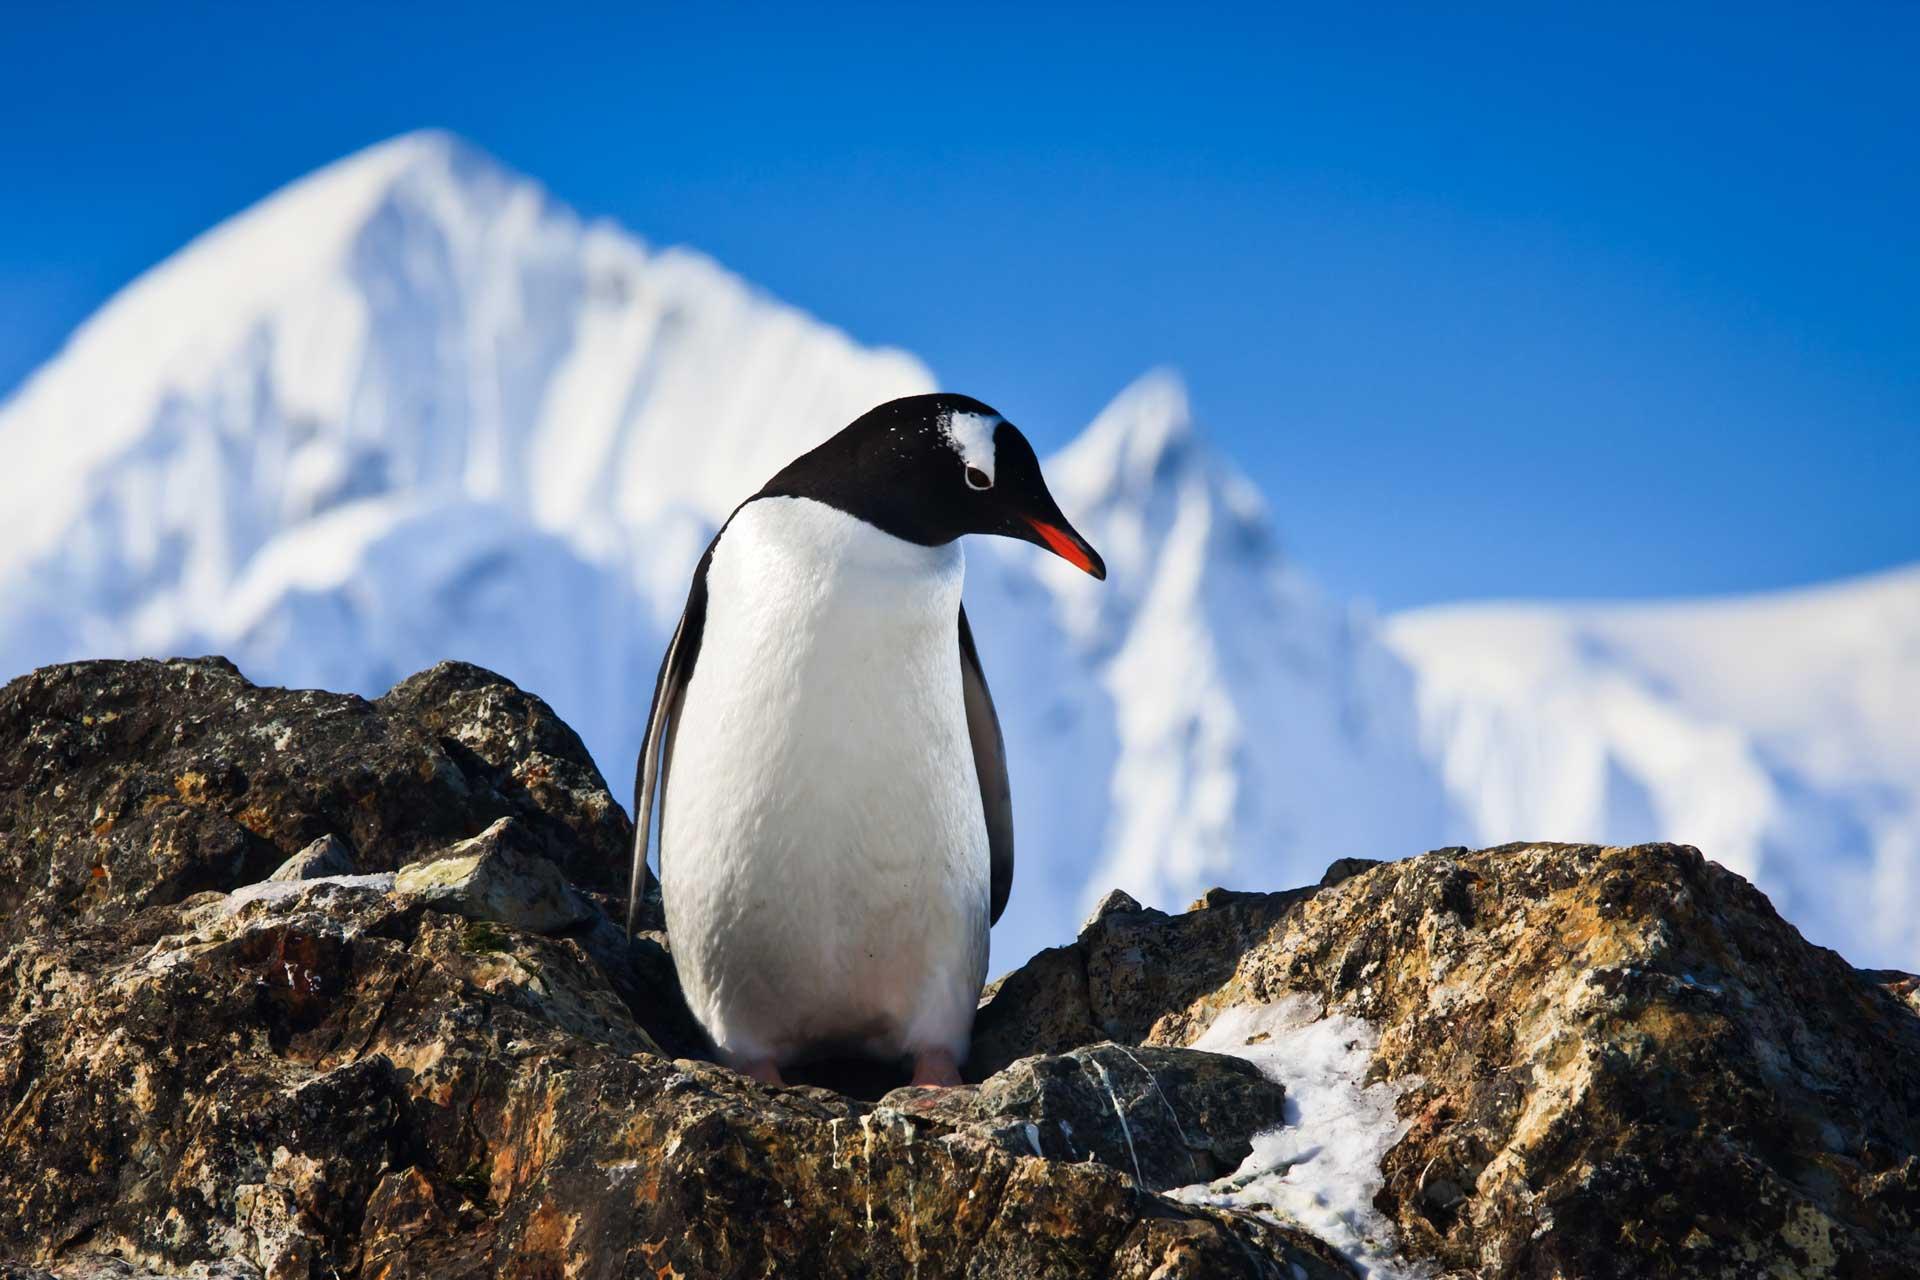 penguin-on-the-rocks-P9BZE6G.jpg